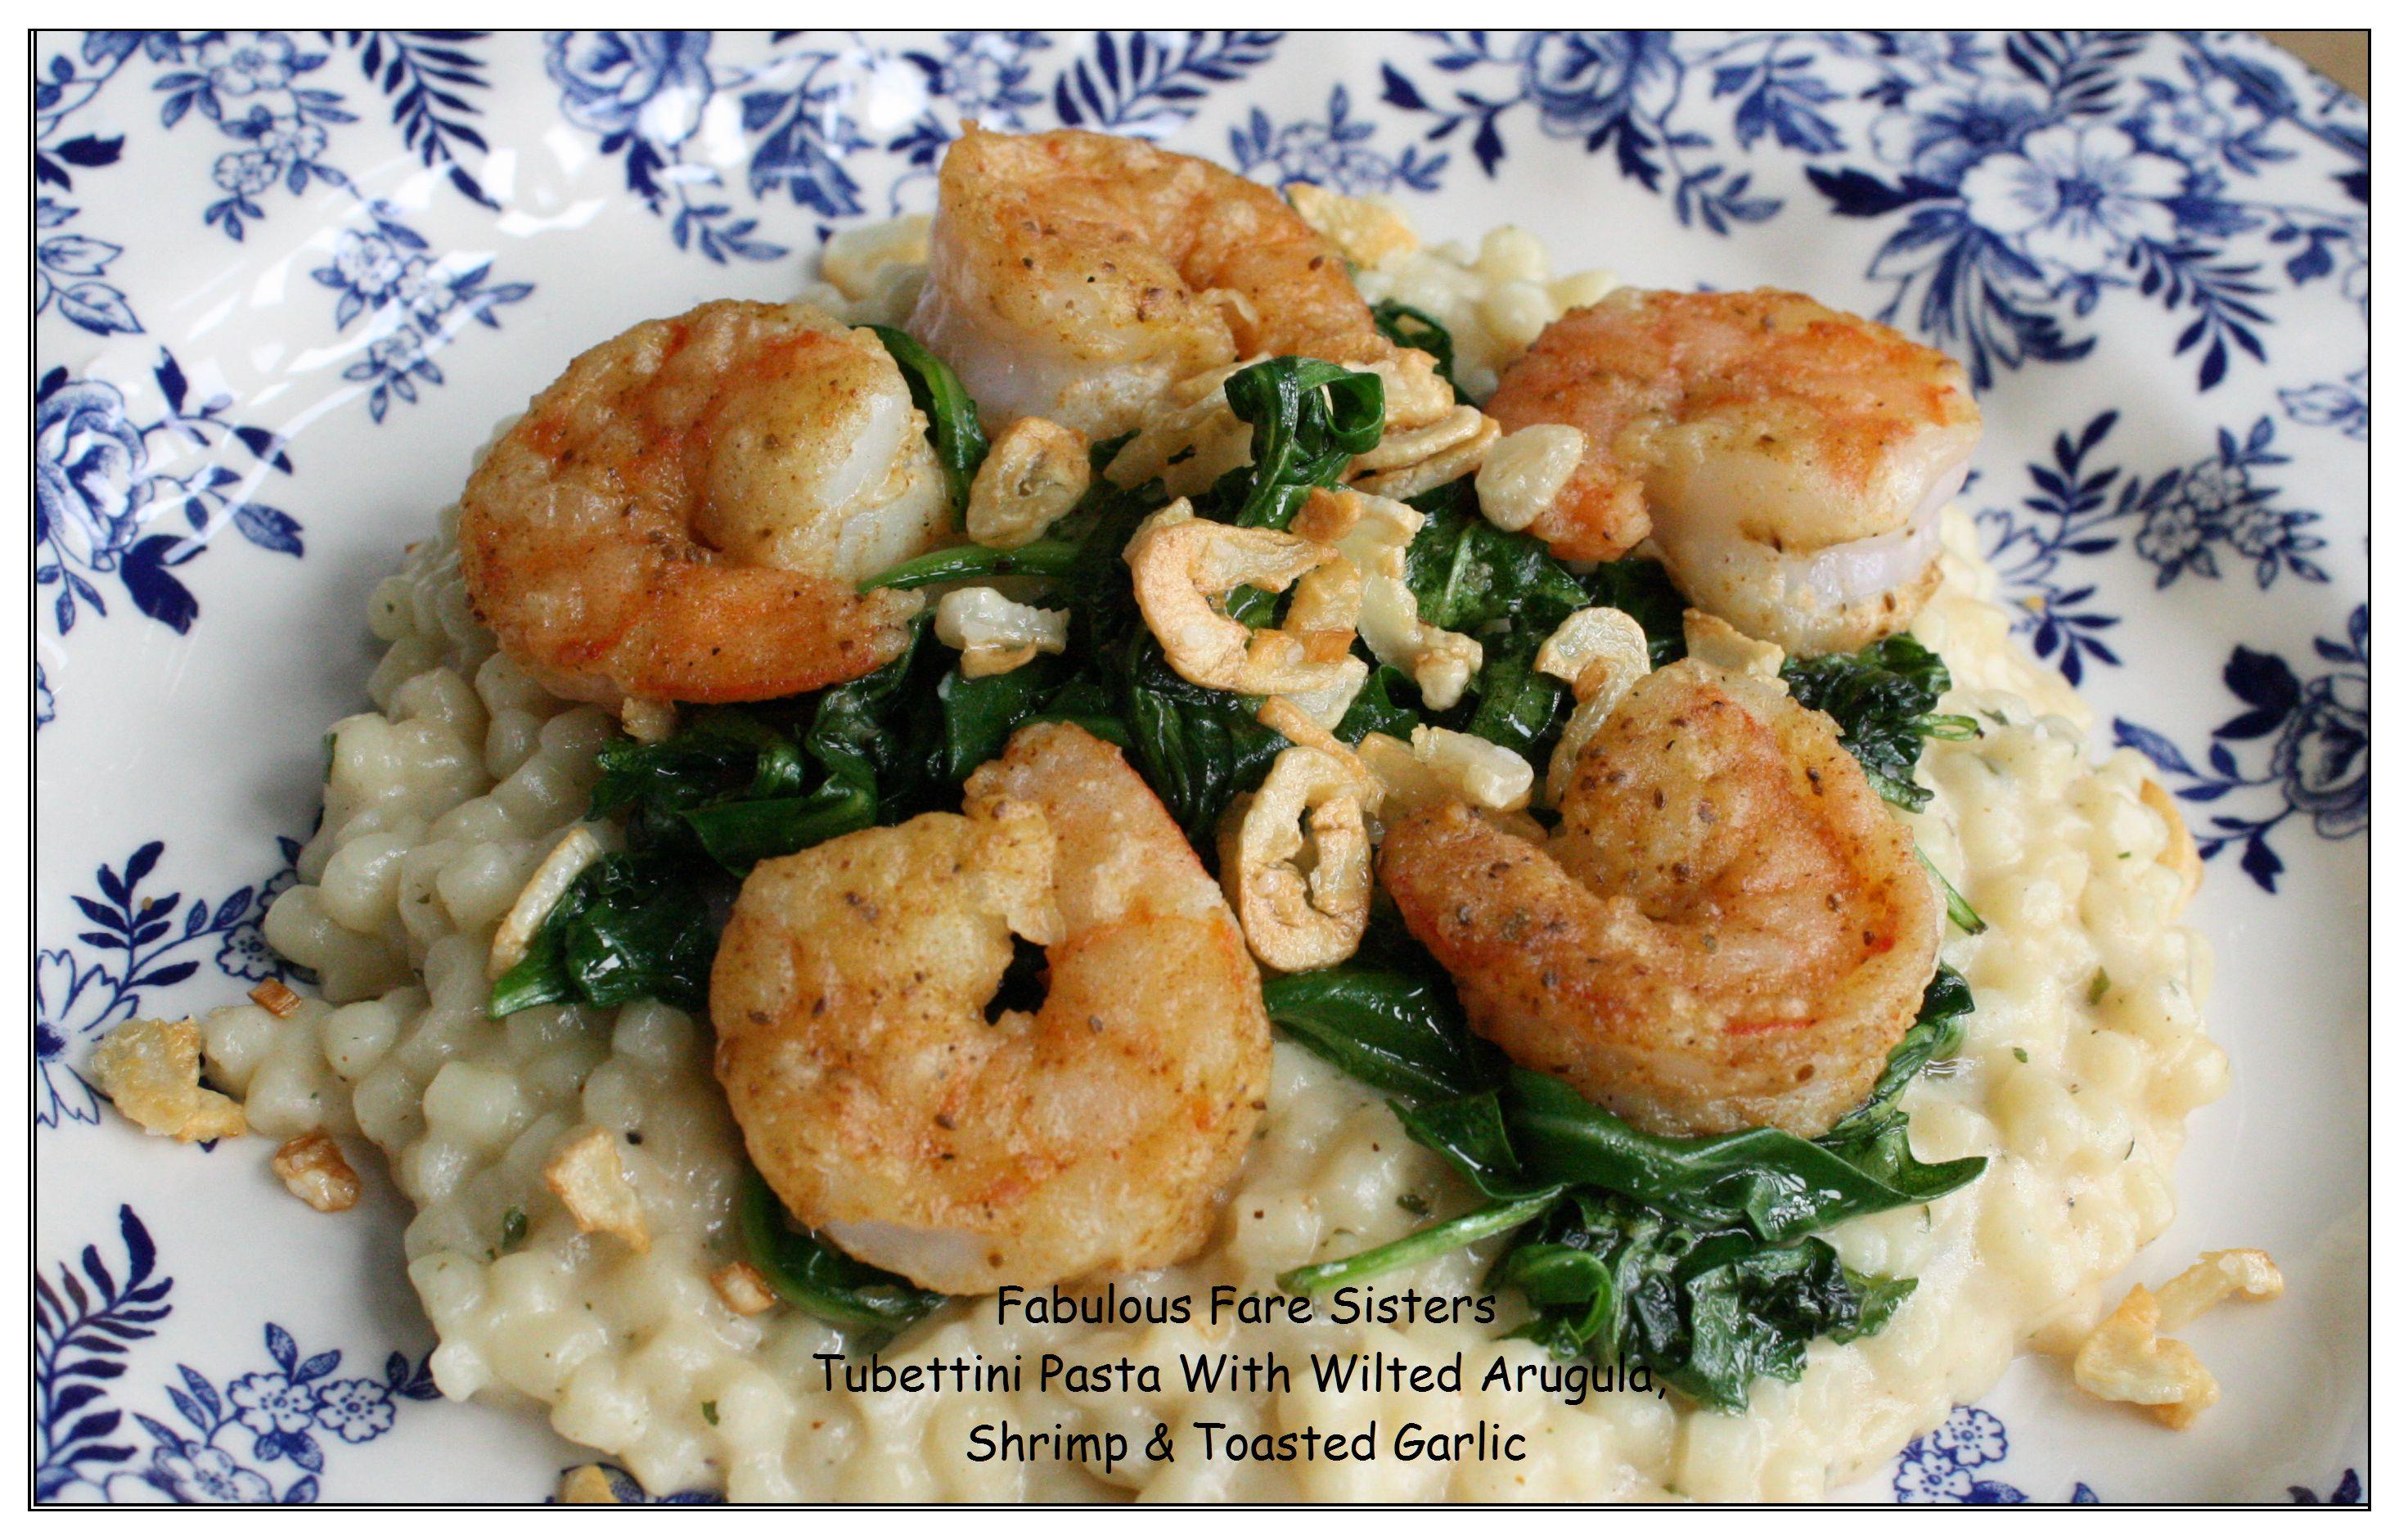 tubettini-pasta-with-wilted-arugula-shrimp-toasted-garlic-1